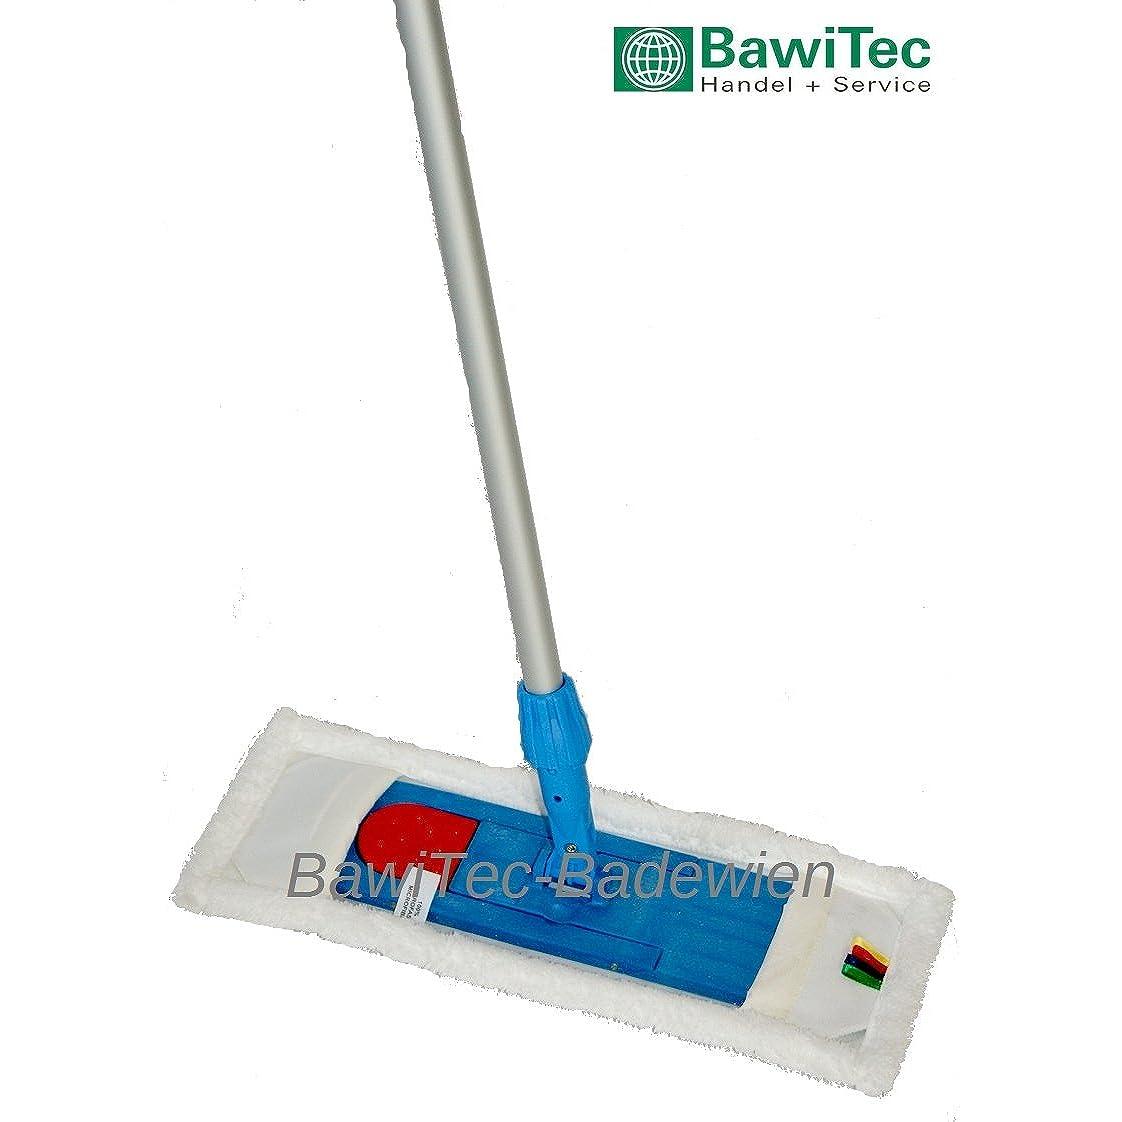 BawiTec P-HBW